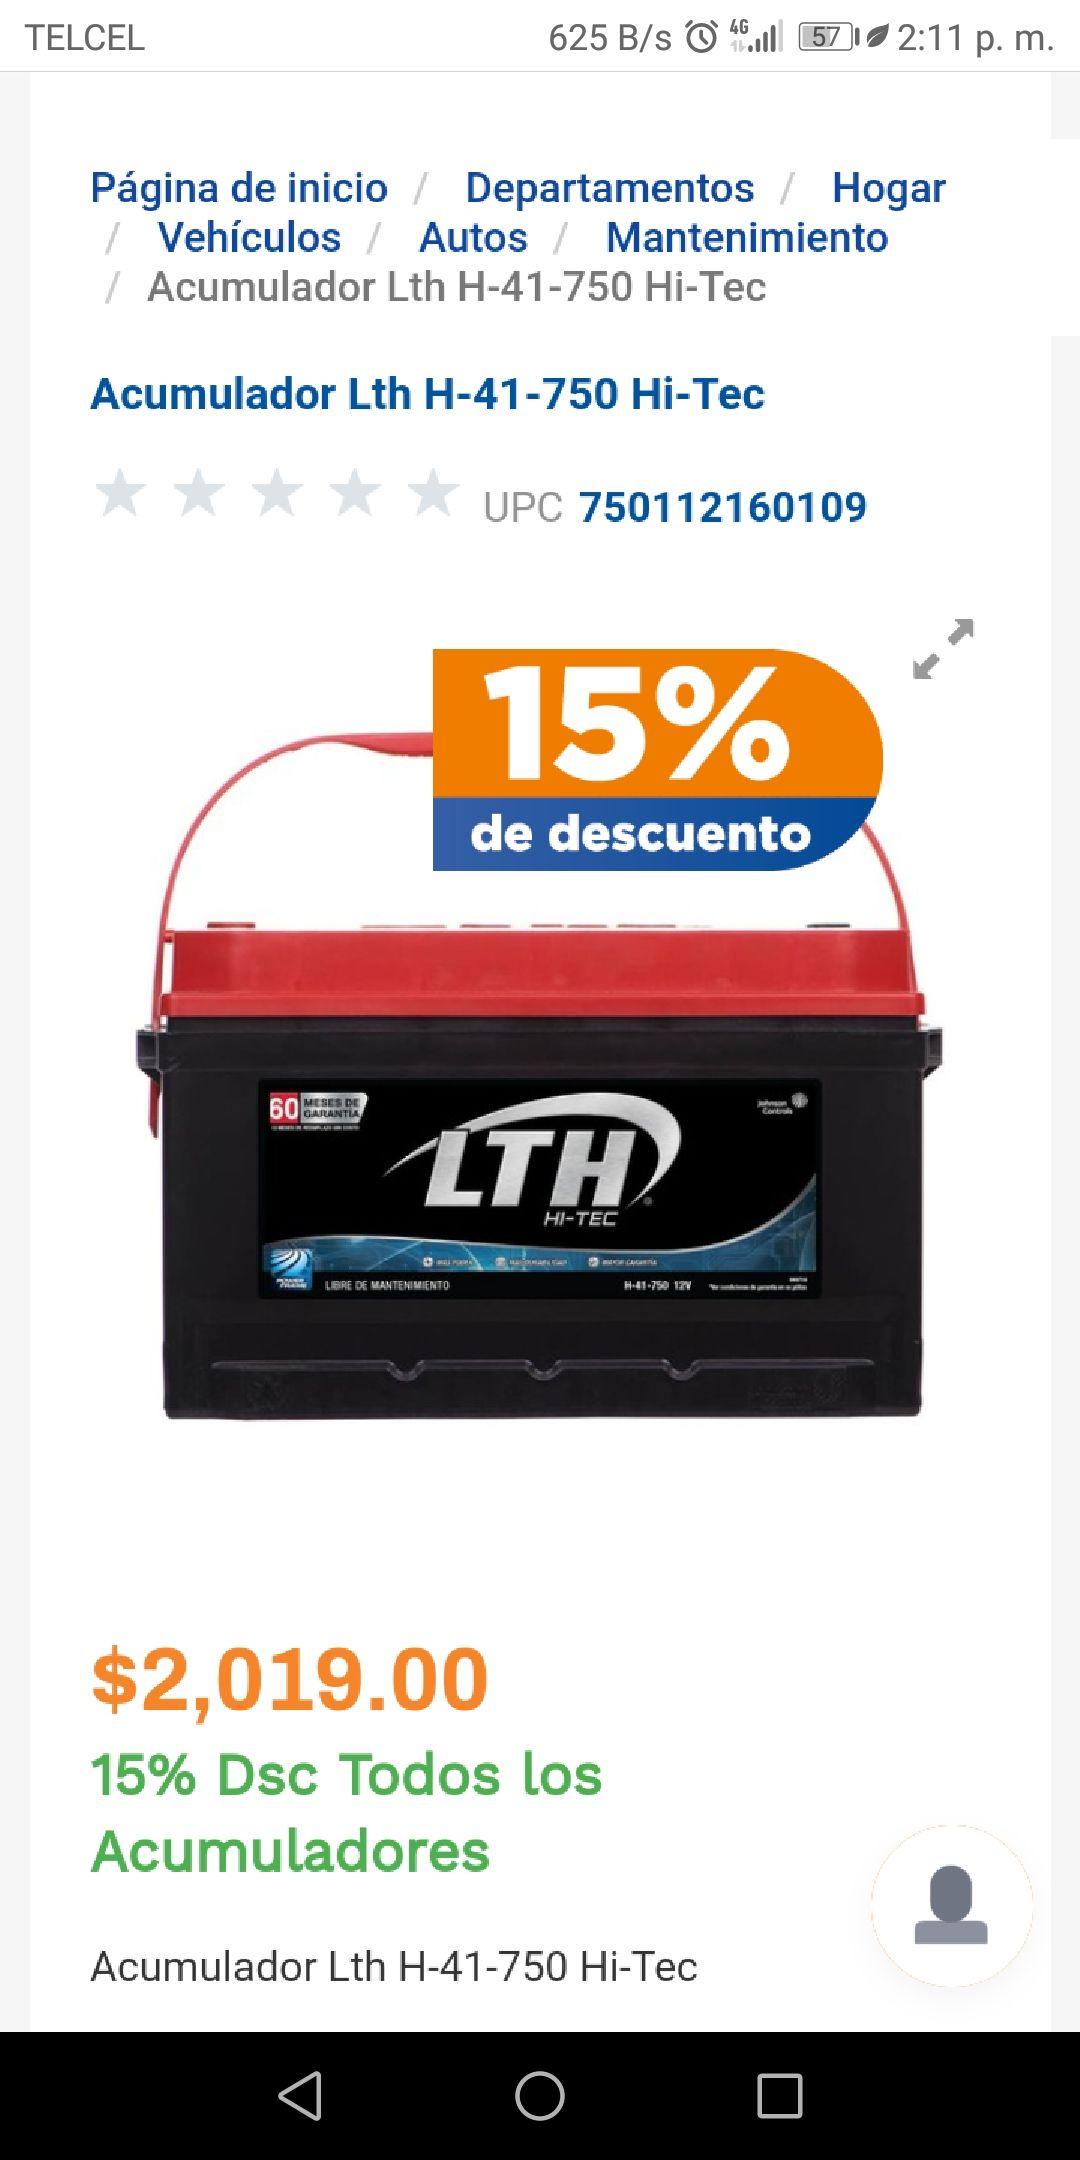 Chedraui: Acumulador+venta del casco viejo queda en $1480